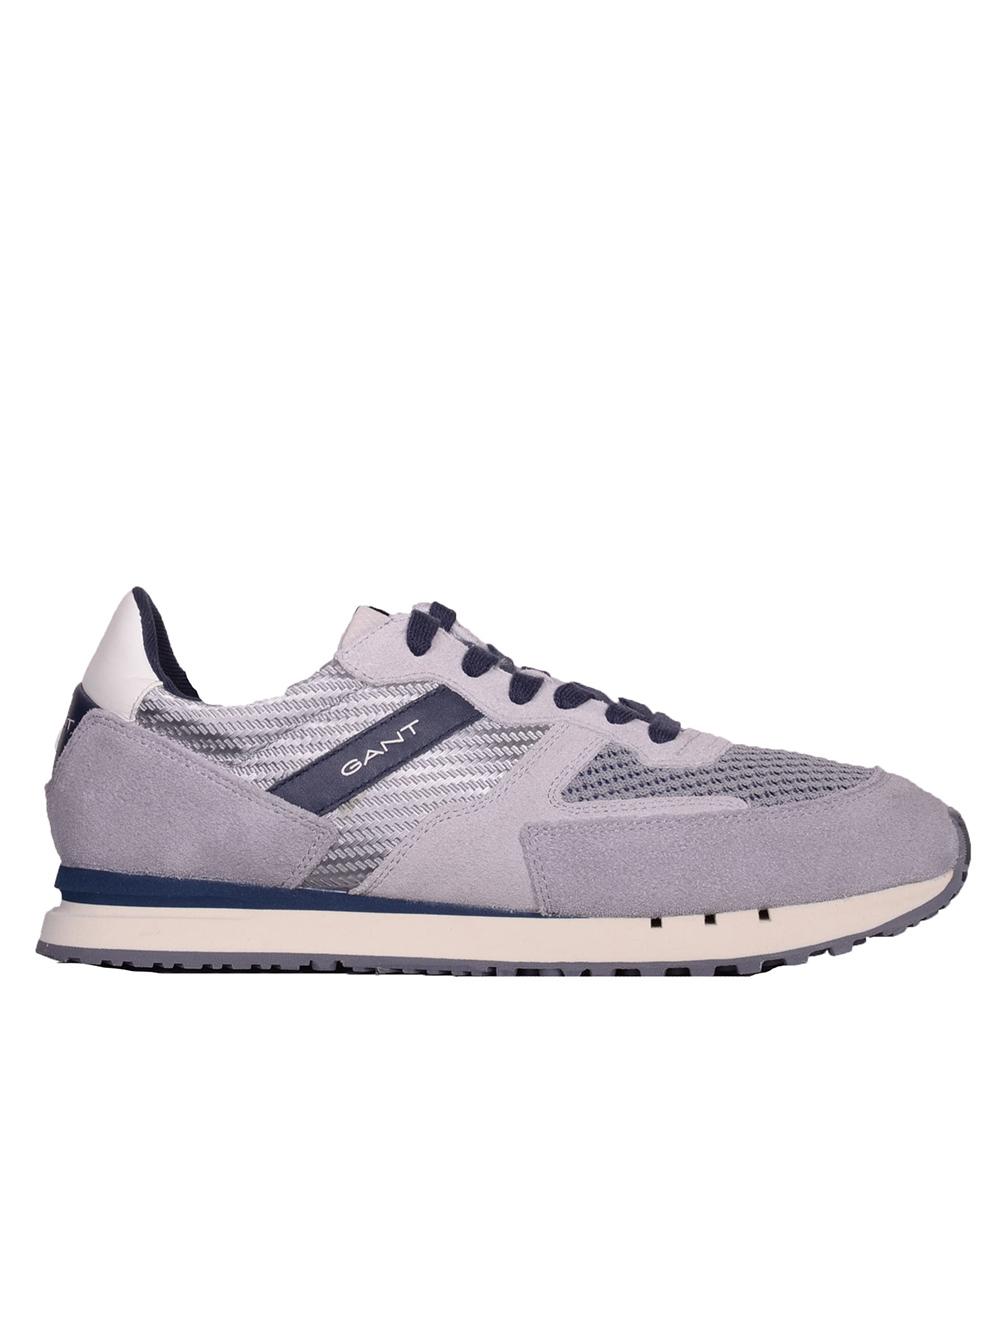 ca369f647a Υποδήματα στο κατάστημα Maroudas - Roe Shoes Collection